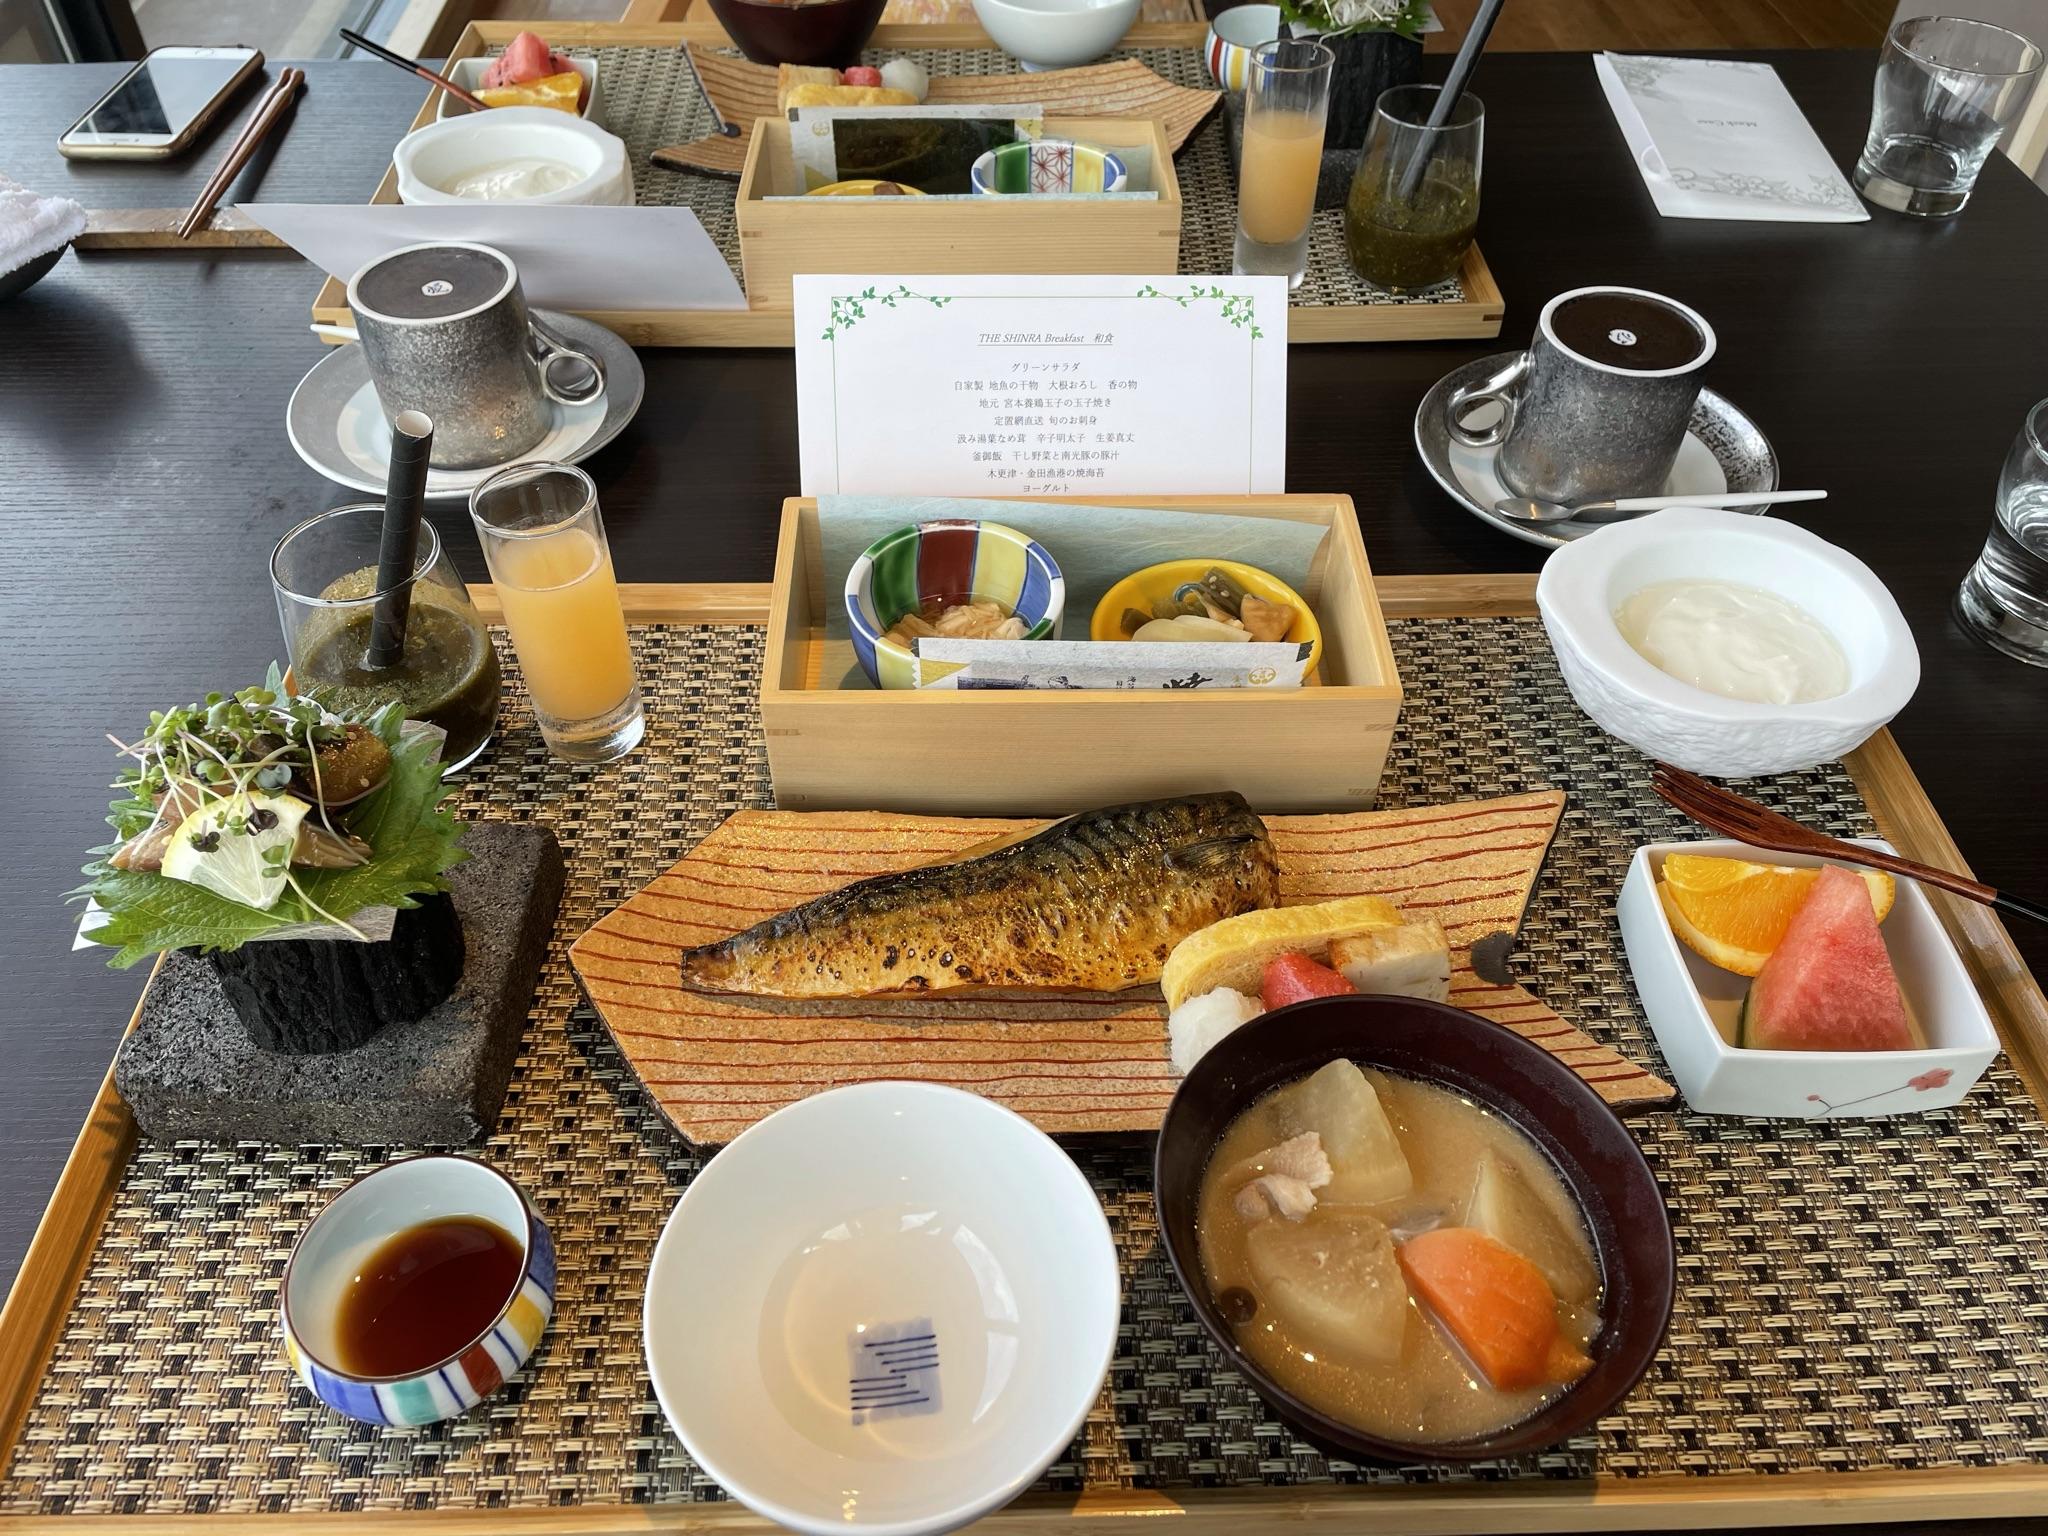 《大人お篭りにオススメ!》飲み放題&超絶景が楽しめるホテル【THE SHINRA(森羅)】_7